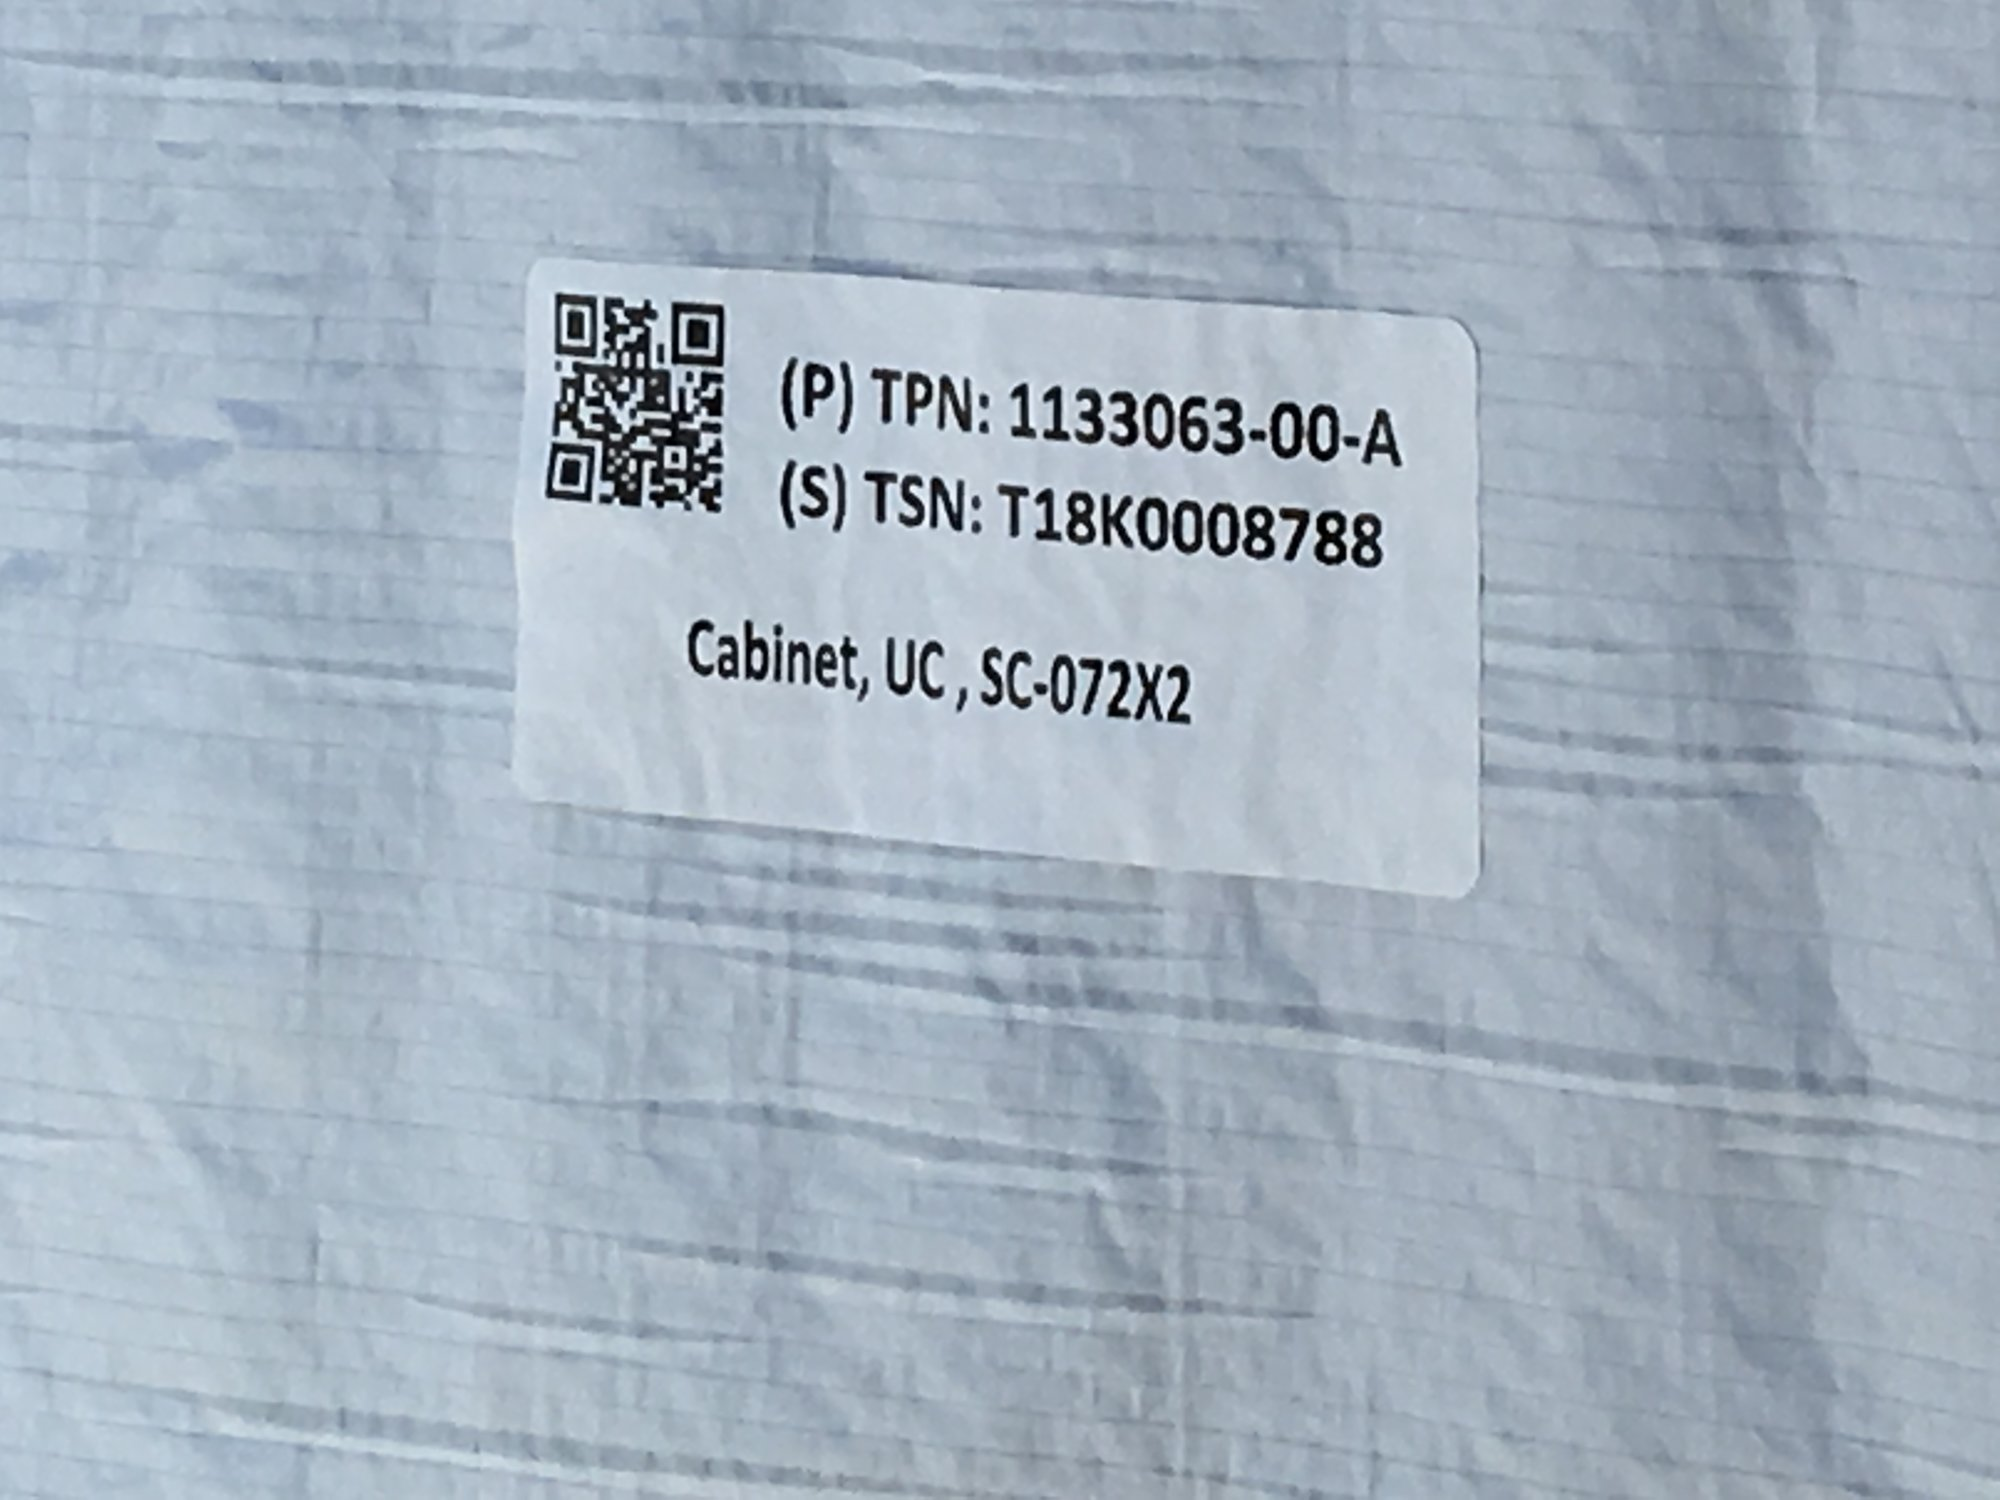 42253CDE-AC51-4138-B991-697555DFA293.jpeg